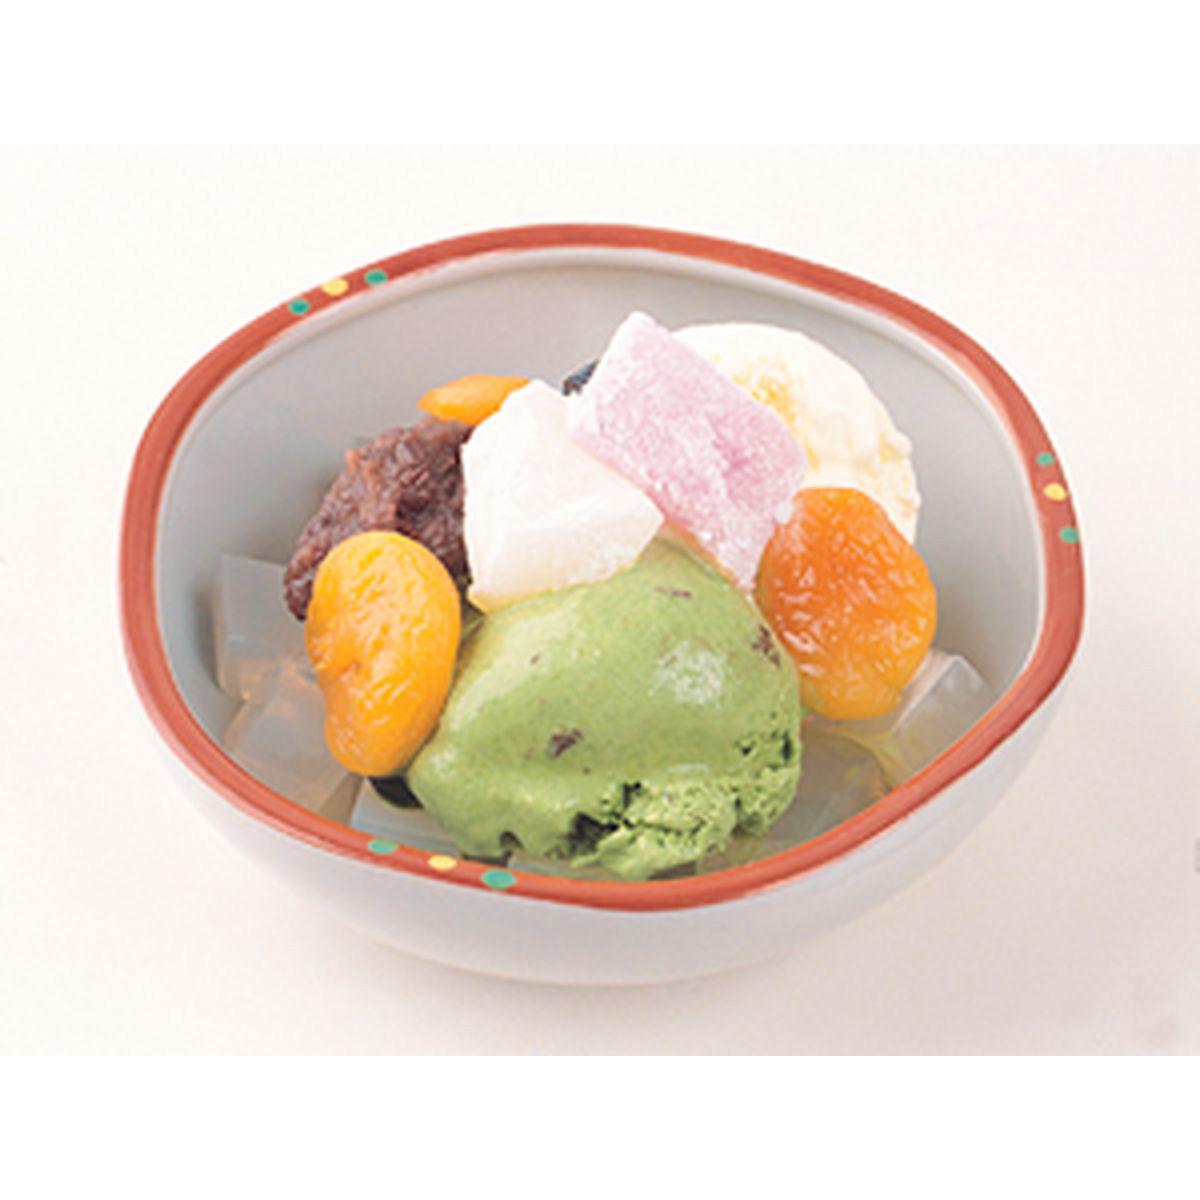 食譜:雙色冰淇淋蜜果